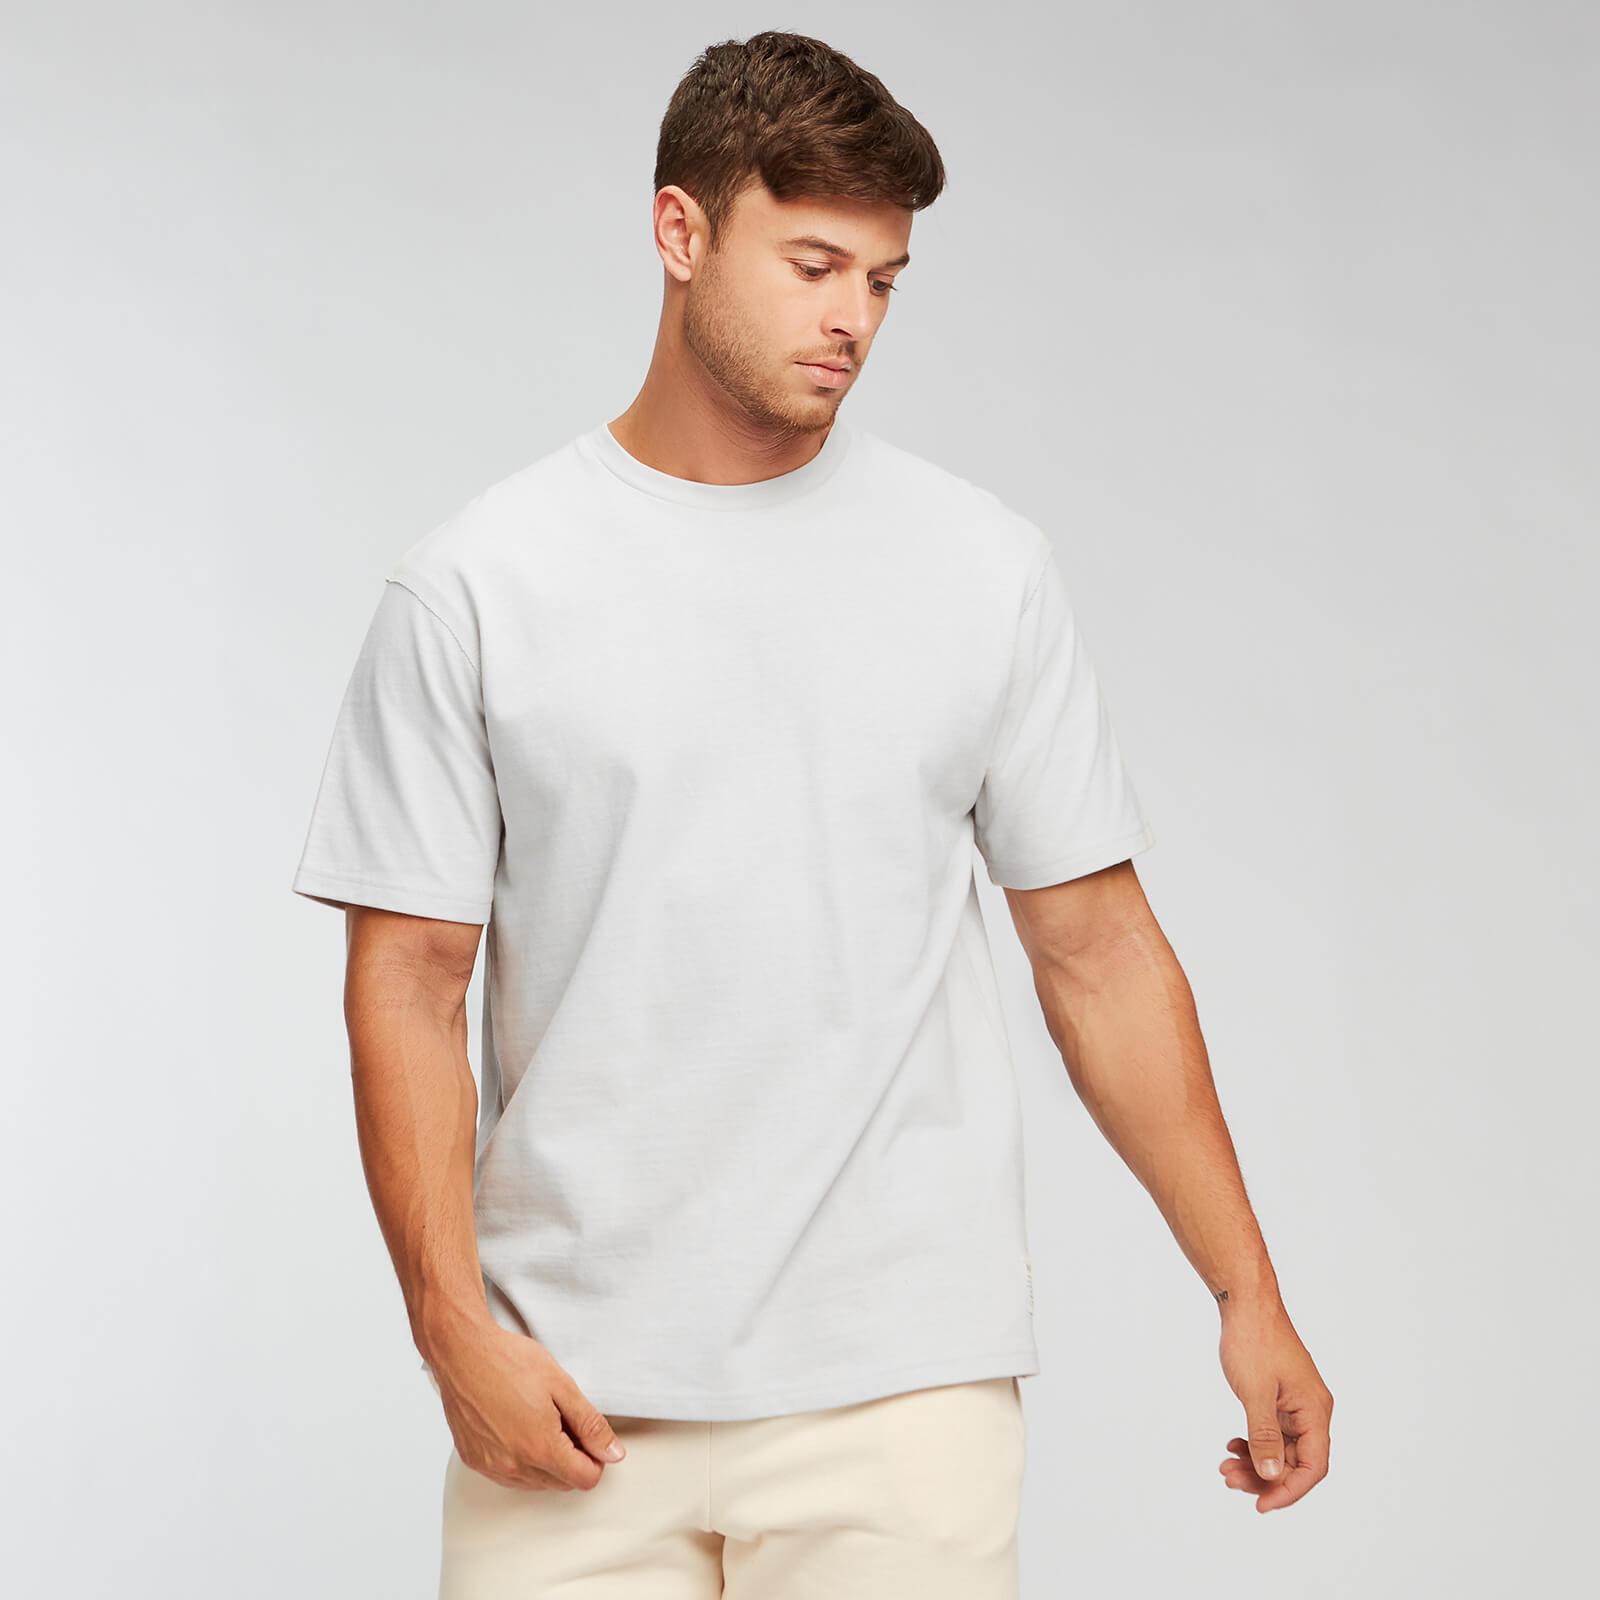 T-shirt MP A/Wear pour hommes – Gris - S